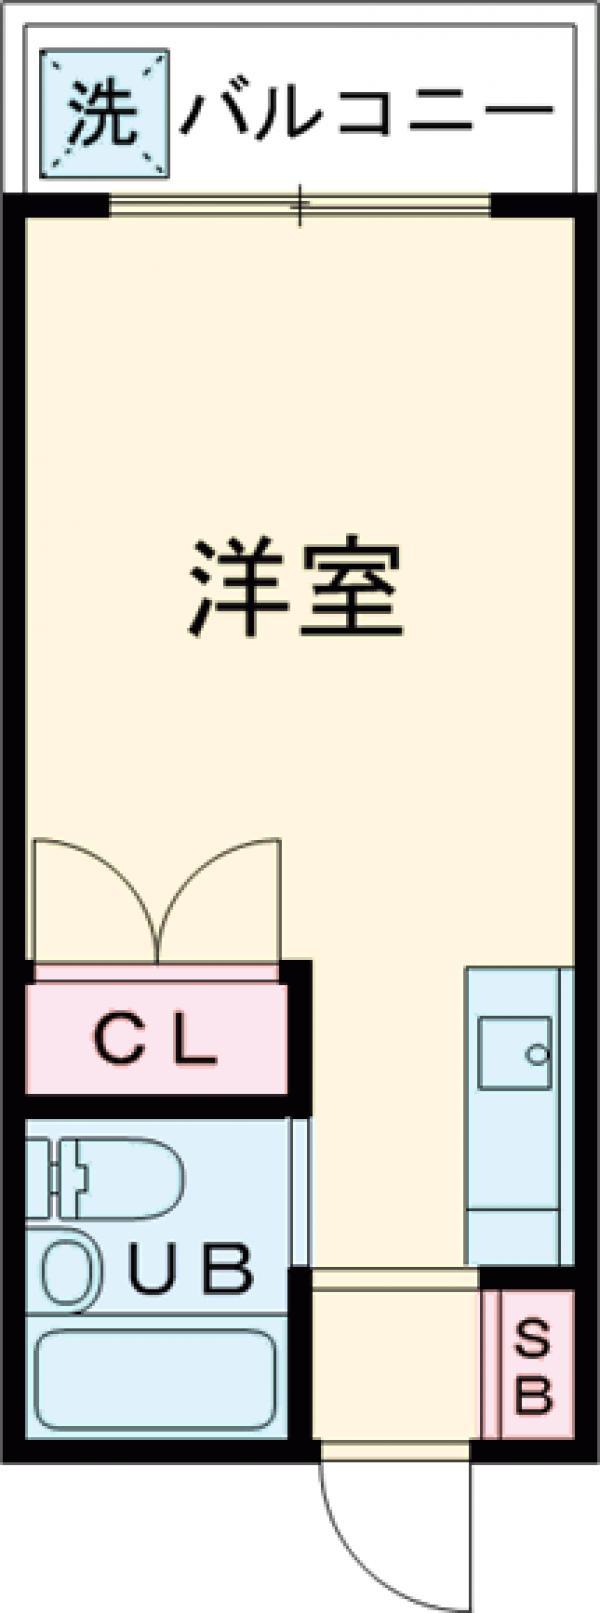 エクレール仙川PartⅡ・207号室の間取り